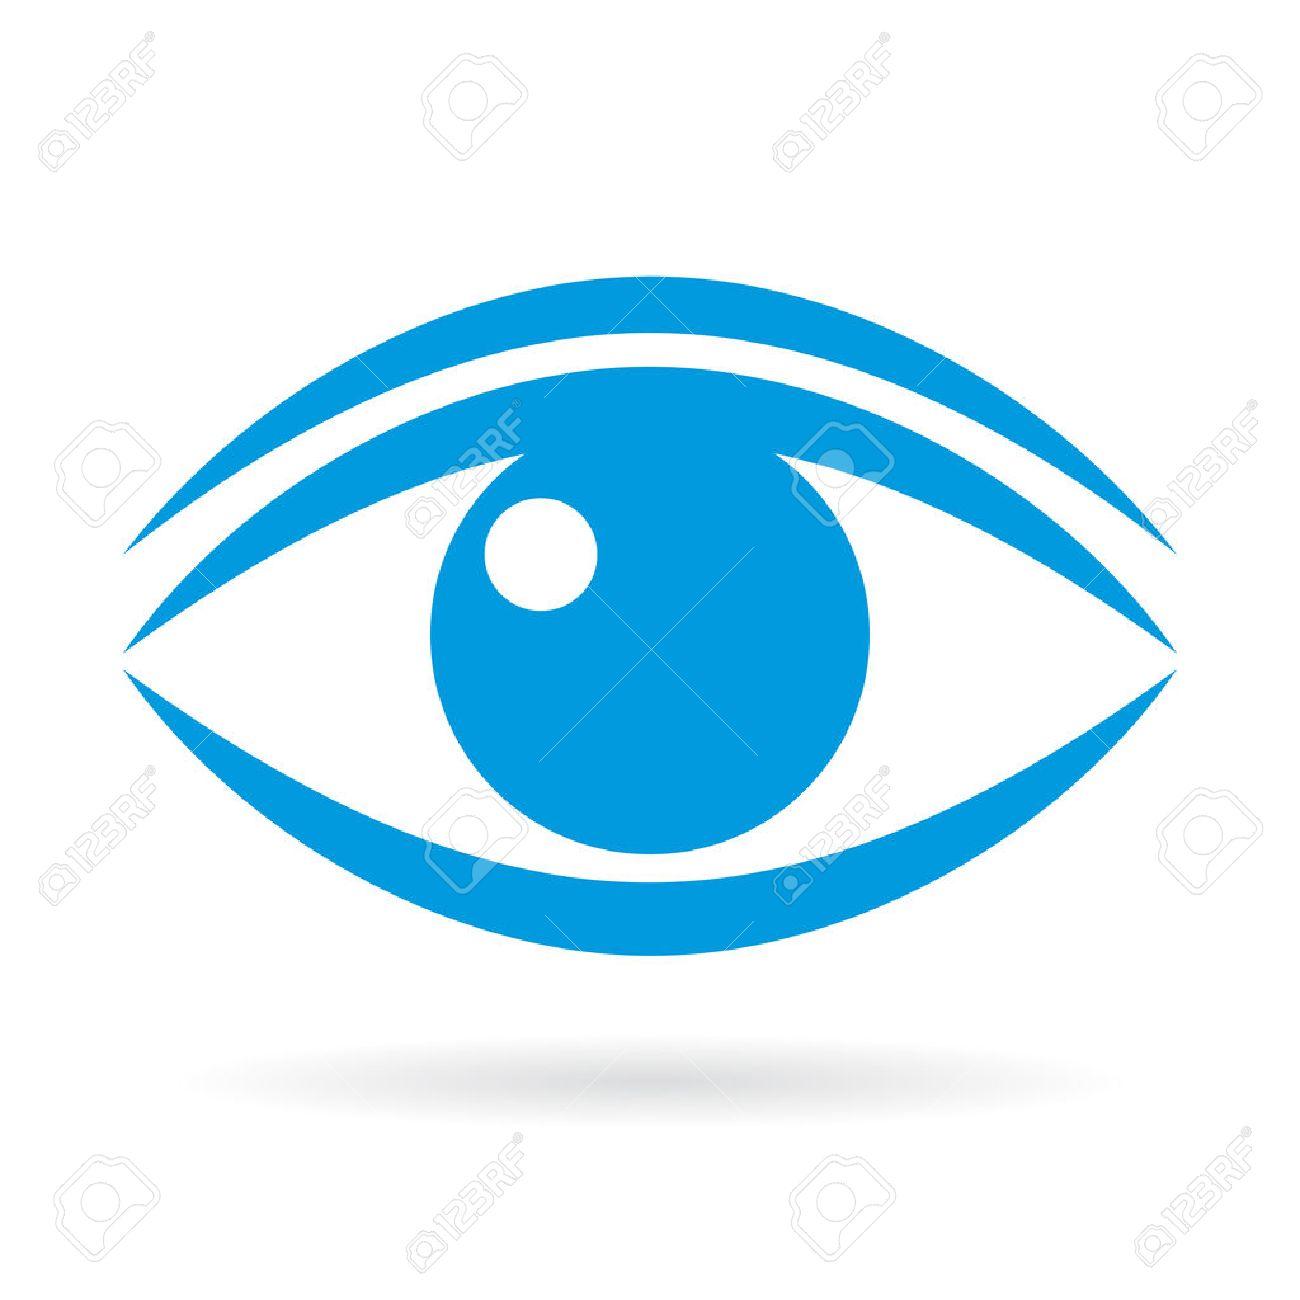 Blue eye vector icon - 72875058